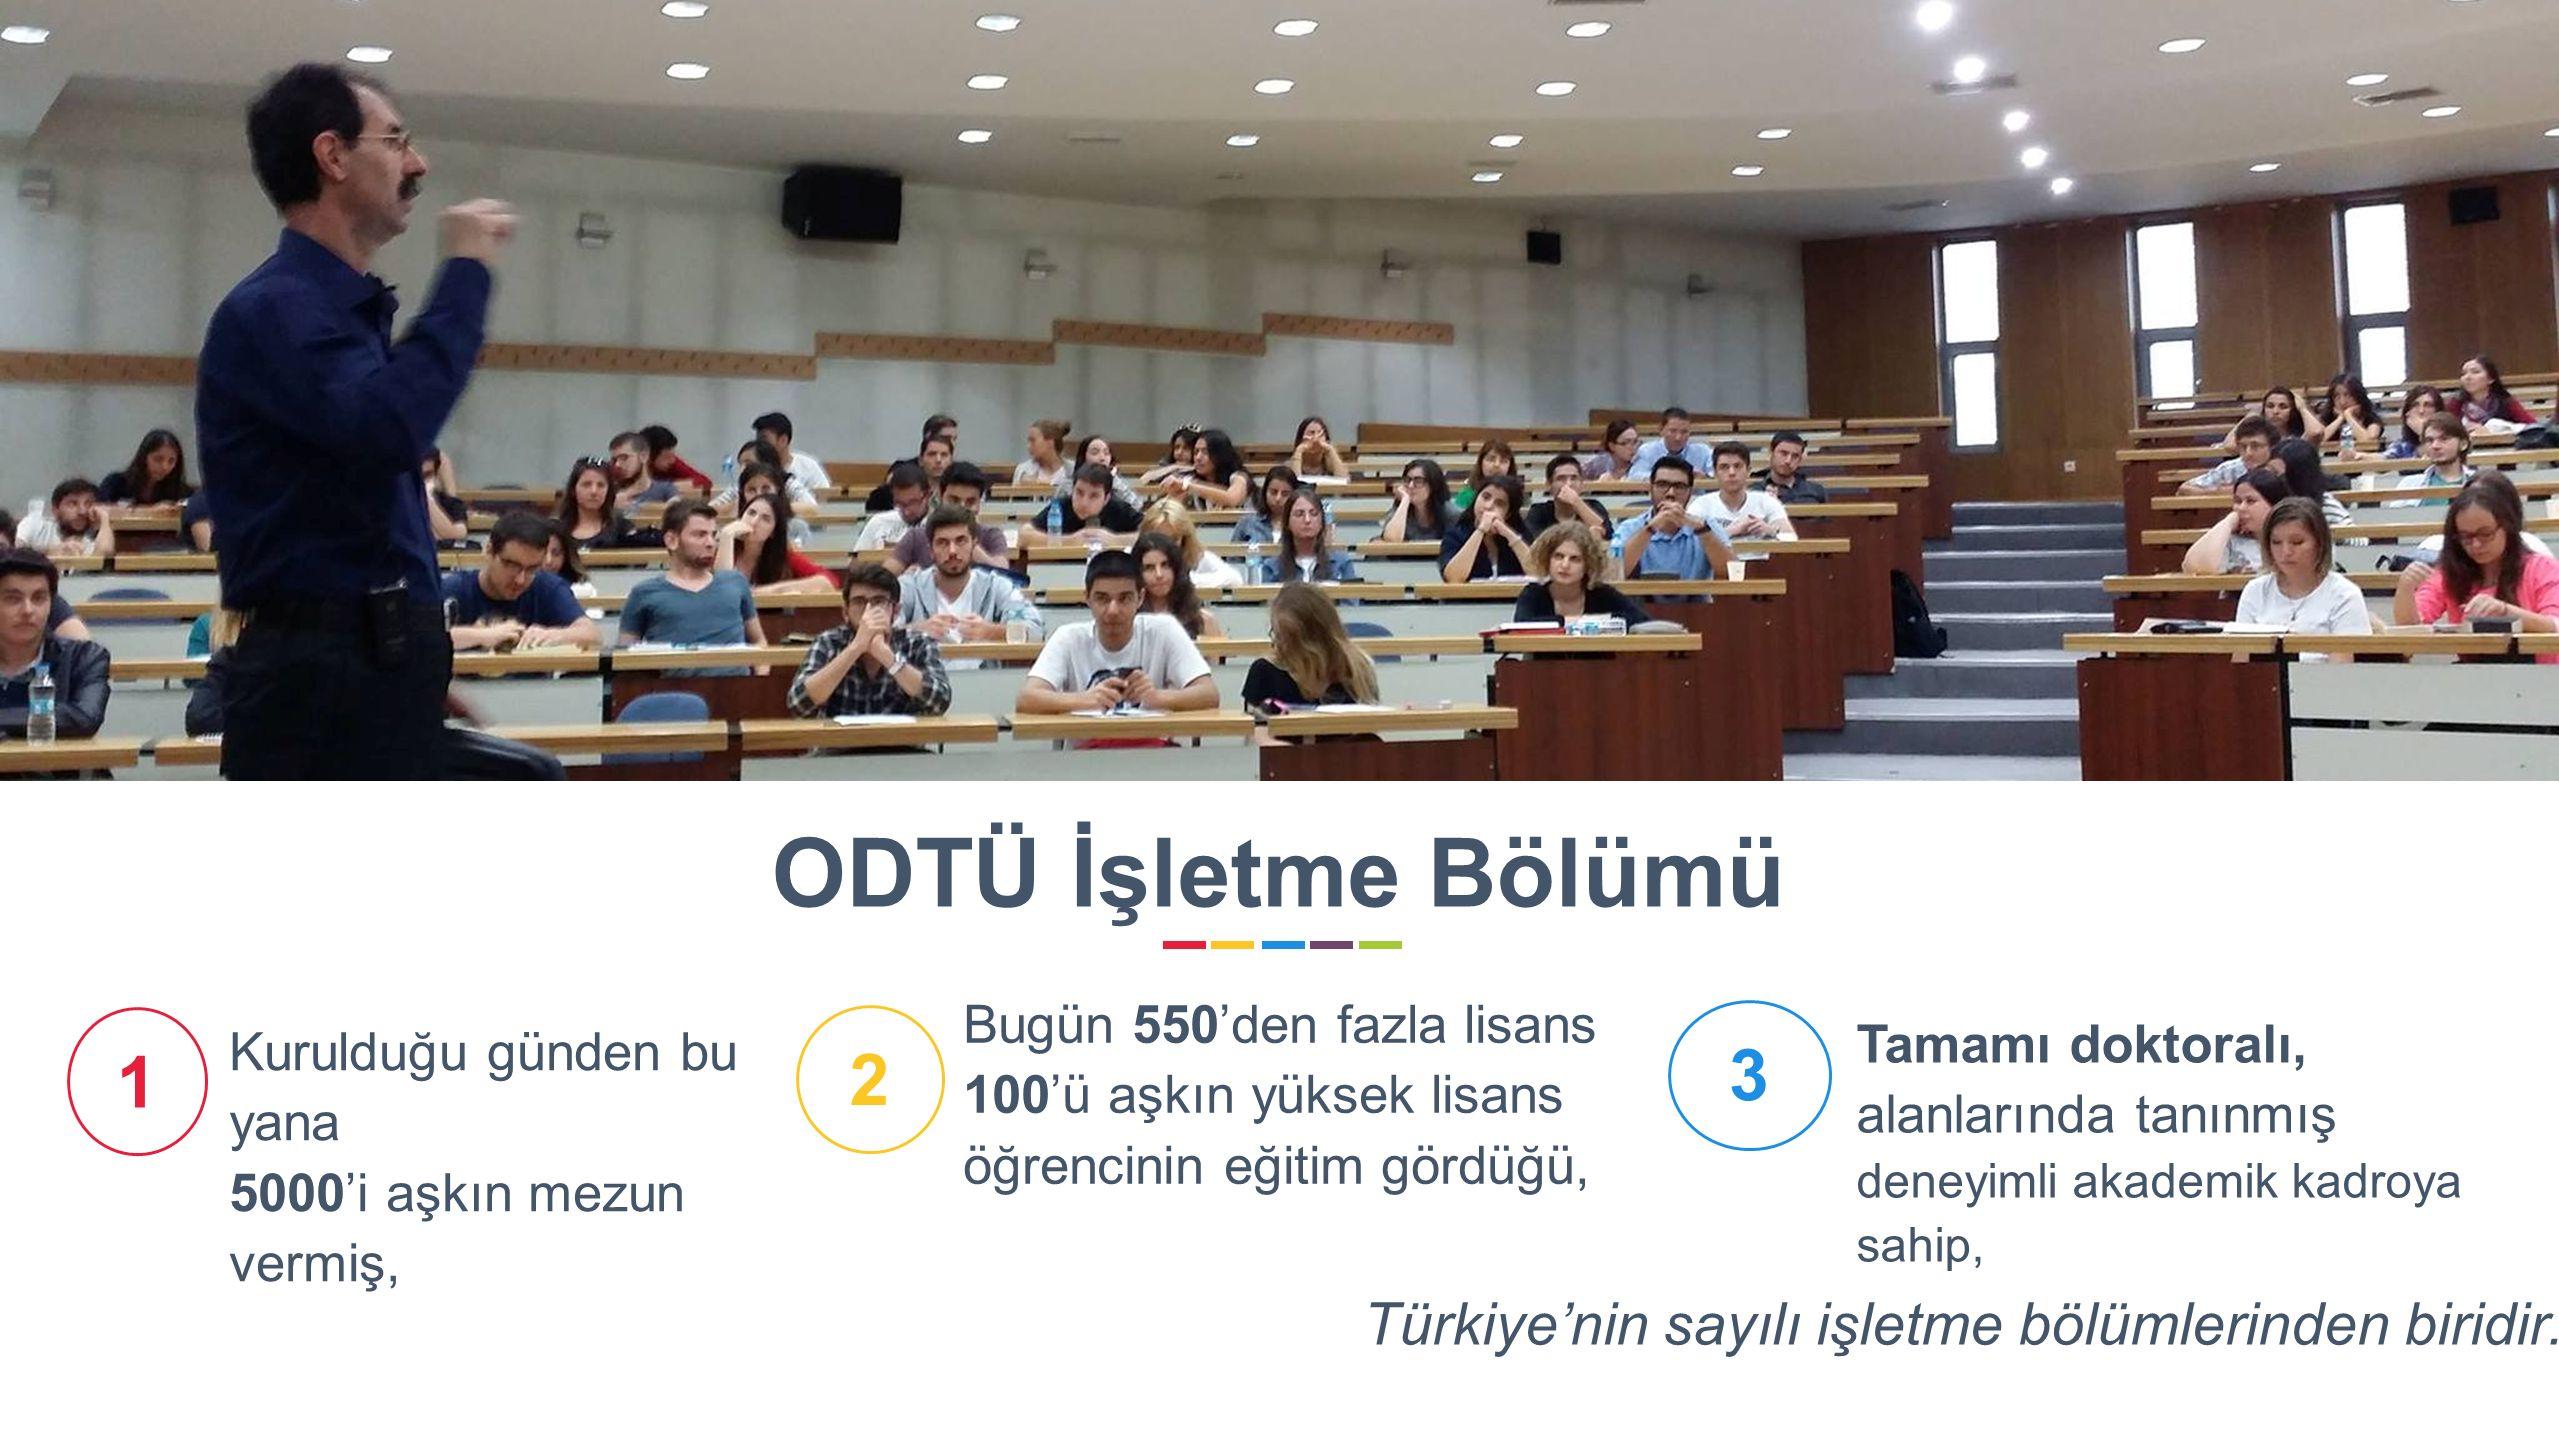 6 Bugün 550'den fazla lisans 100'ü aşkın yüksek lisans öğrencinin eğitim gördüğü, 2 Tamamı doktoralı, alanlarında tanınmış deneyimli akademik kadroya sahip, 3 Kurulduğu günden bu yana 5000'i aşkın mezun vermiş, 1 ODTÜ İşletme Bölümü Türkiye'nin sayılı işletme bölümlerinden biridir.